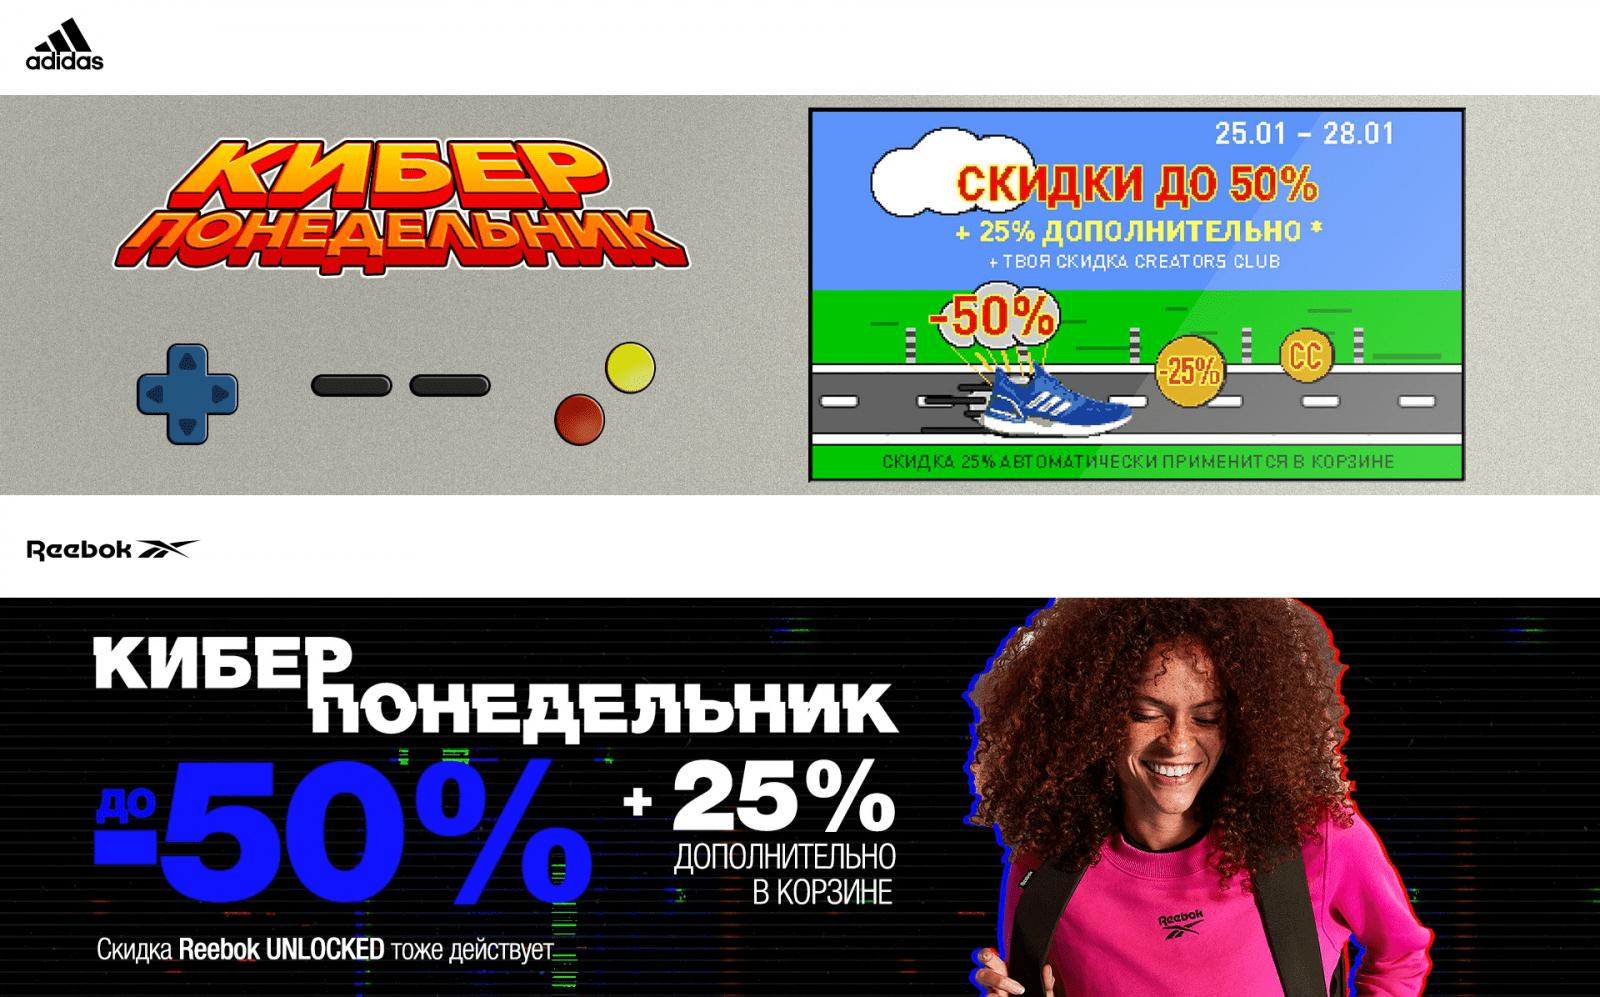 Скидки до 50% + доп. скидка 25% + доп. скидка до 20% по промокодам в Adidas и Reebok